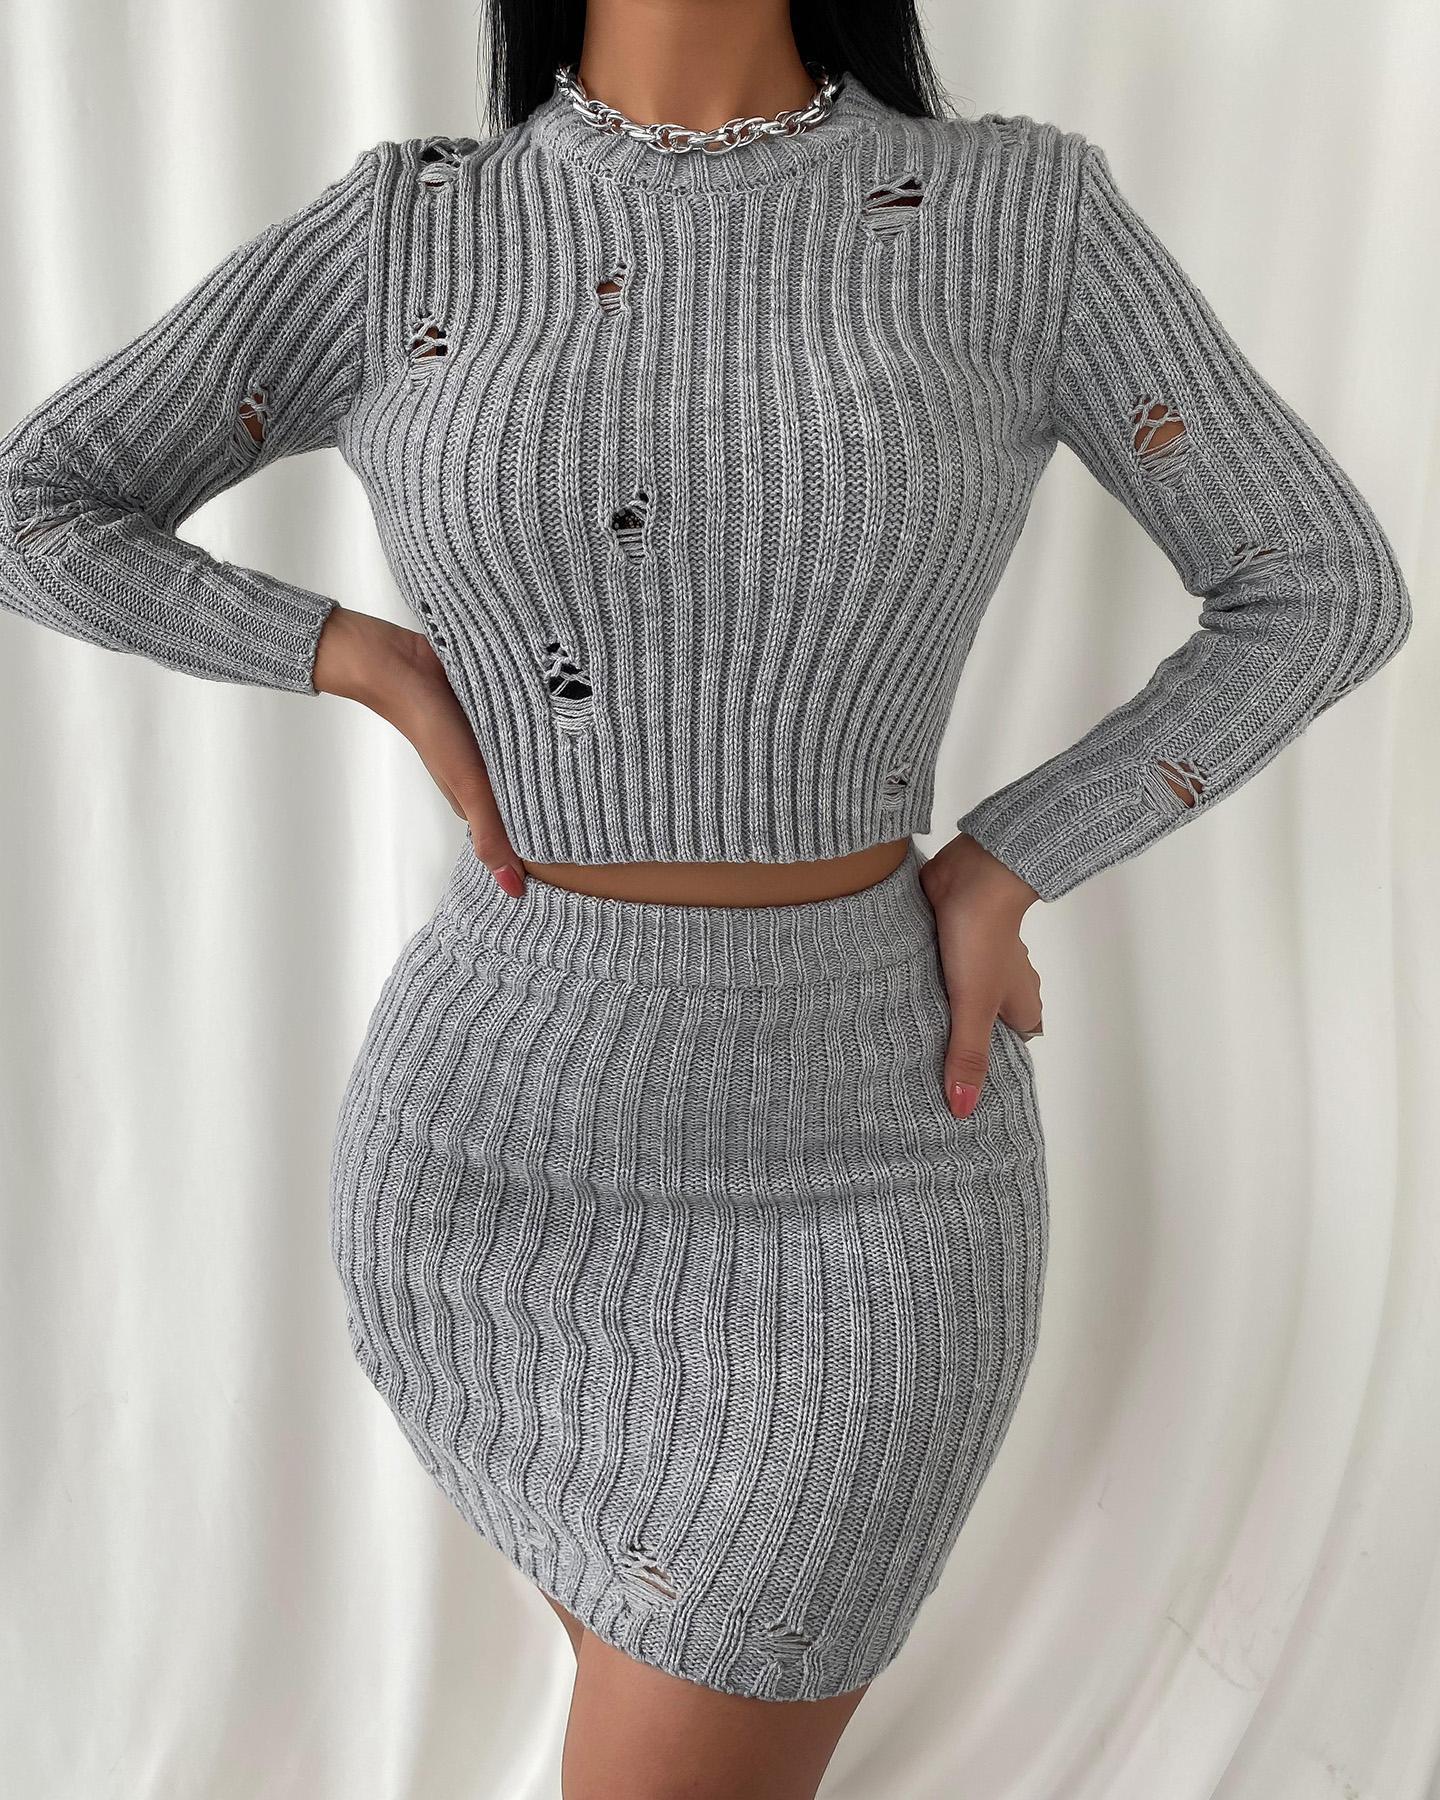 ivrose / Plain Hollow Out Knit Crop Top & High Waist Skirt Set